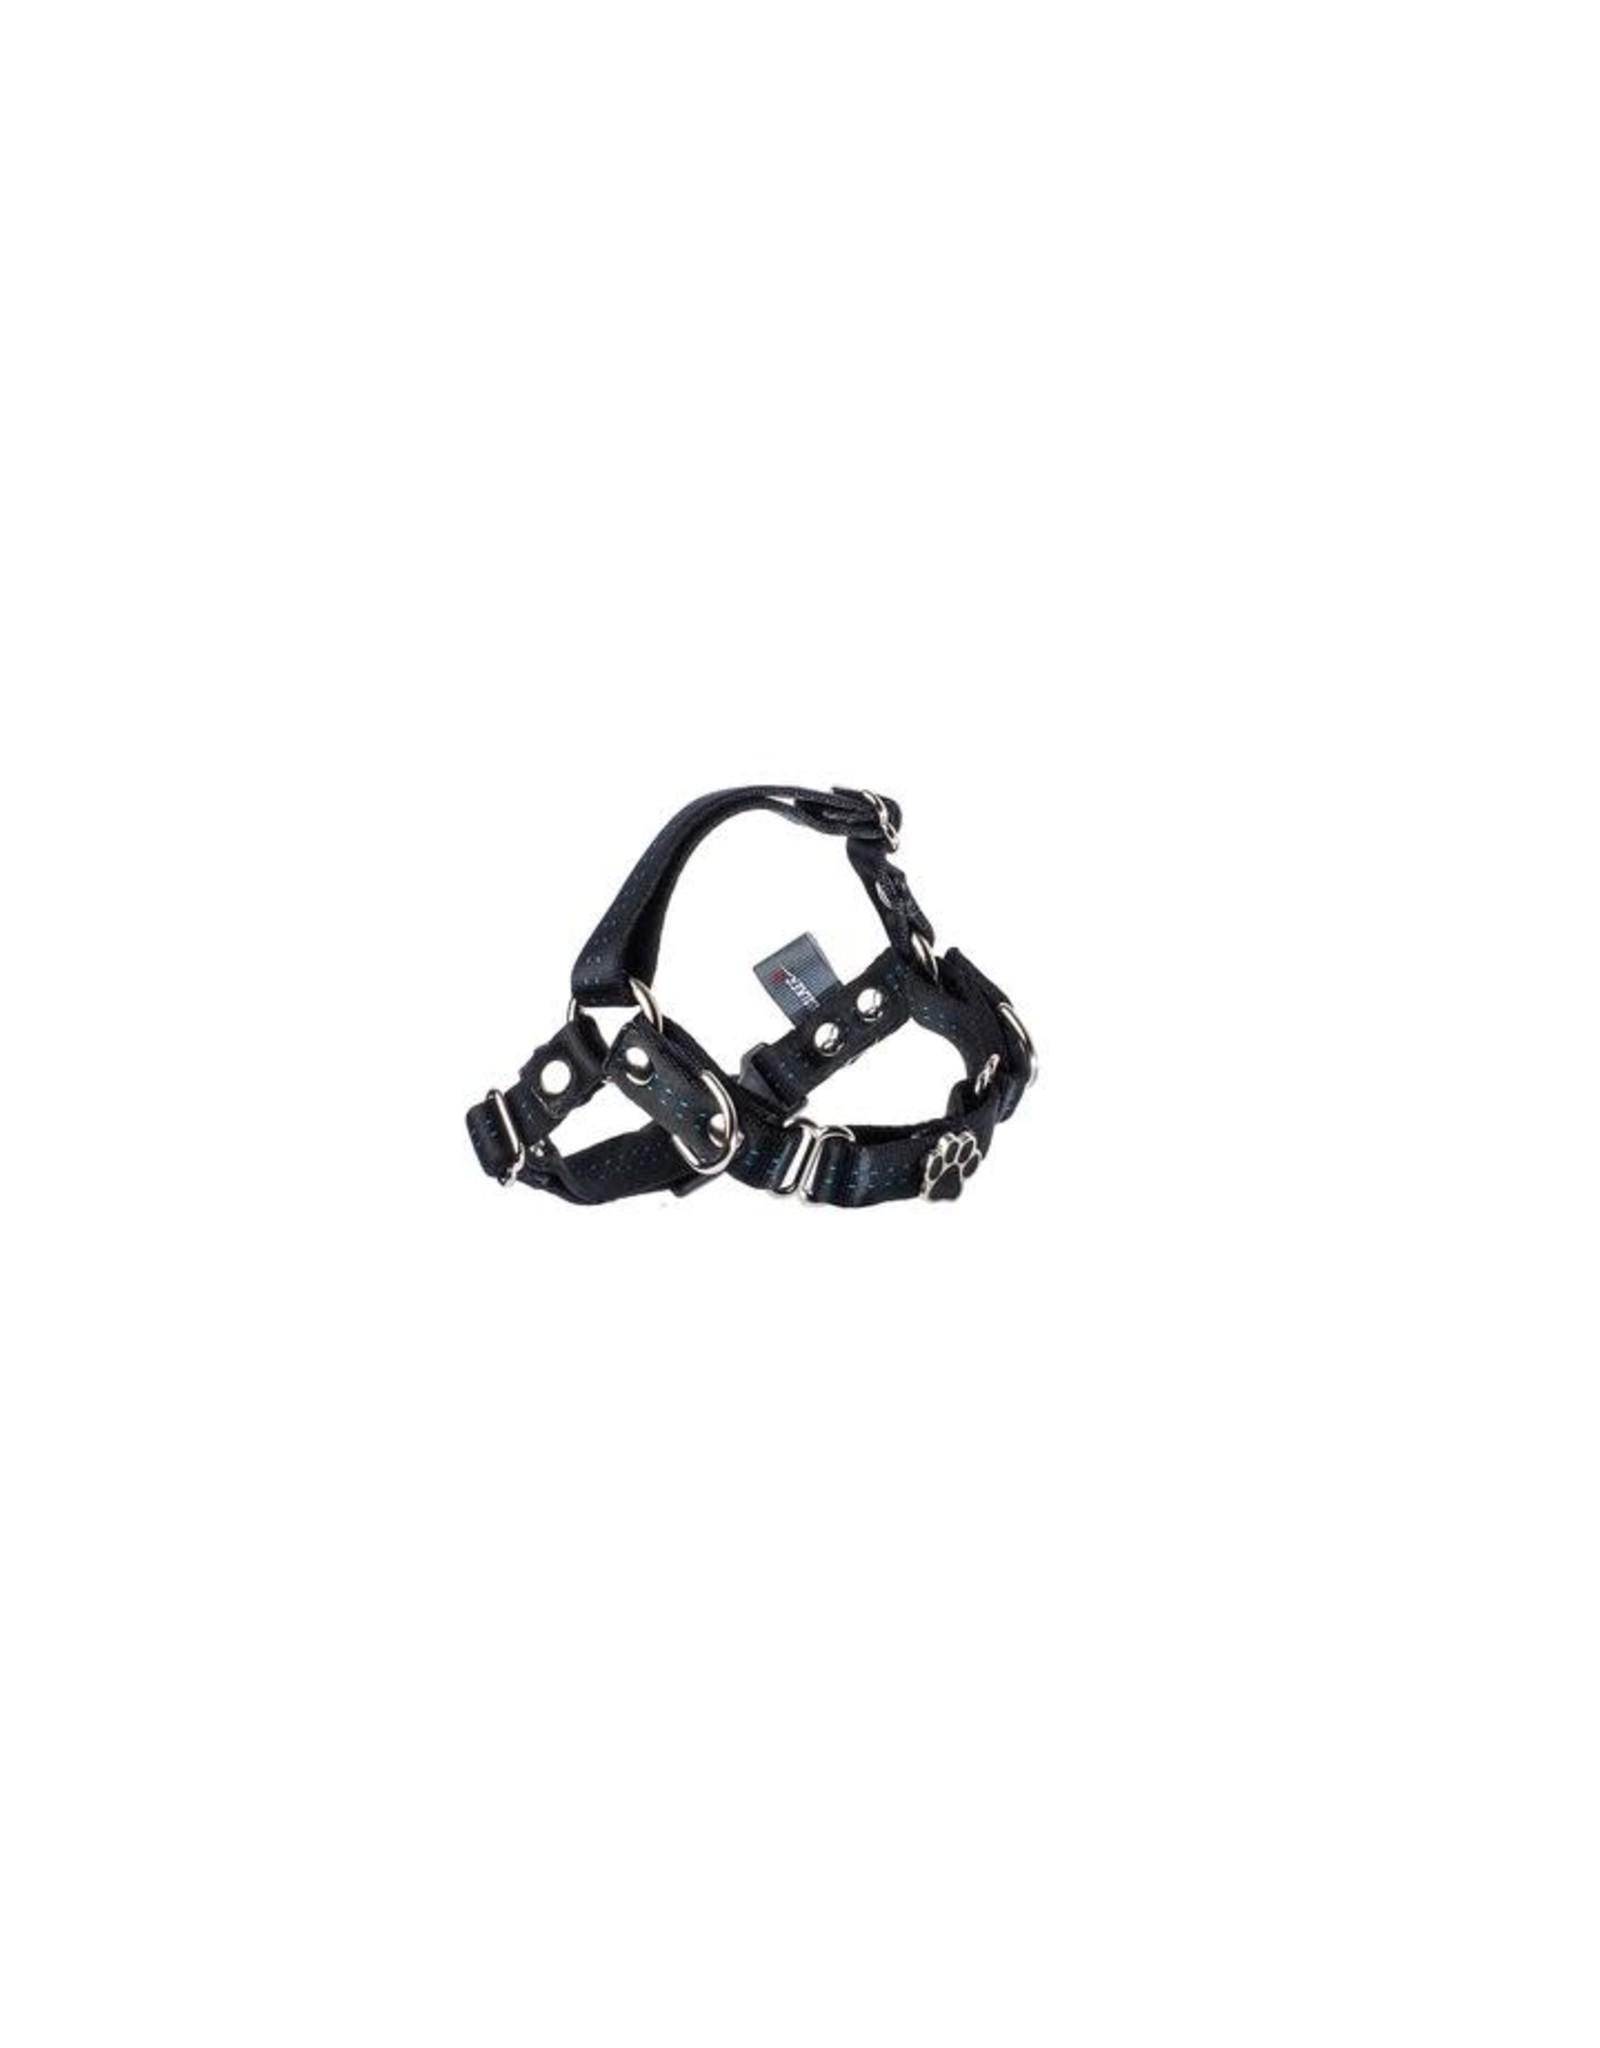 JWalker JWalker Harness - Black - Tiny